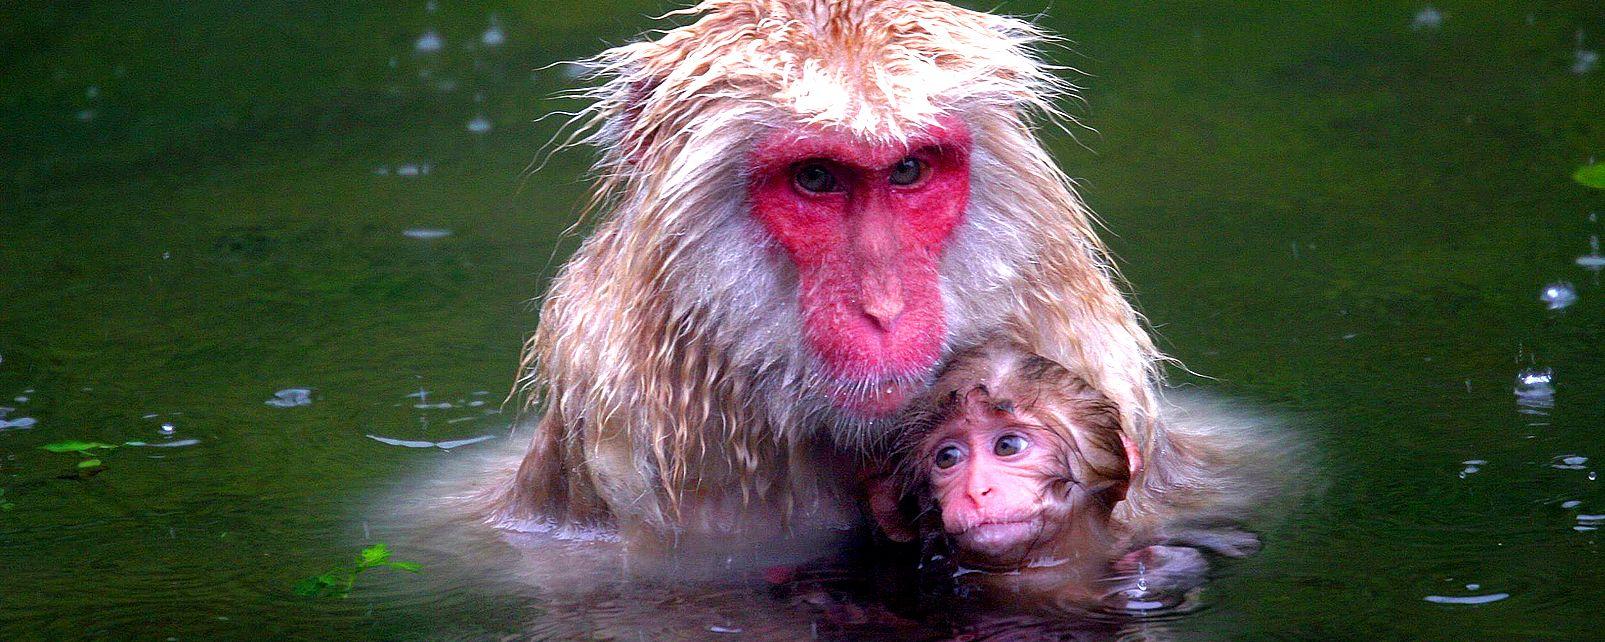 Monos de las nieves japoneses, La fauna, Fauna y flora, Japón